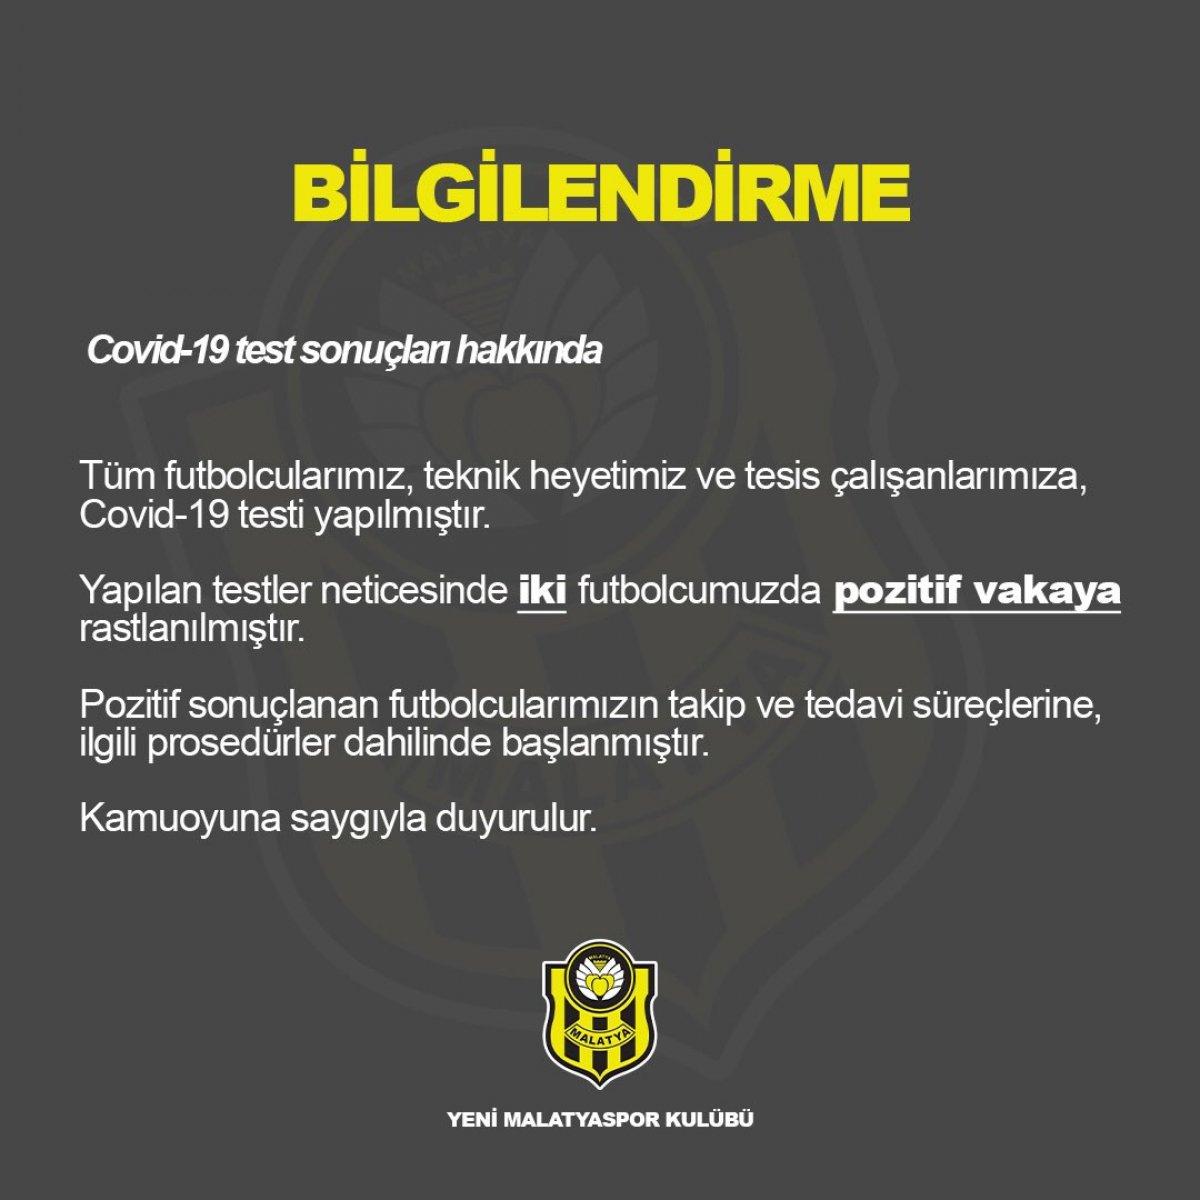 Yeni Malatyaspor'da 2 futbolcunun koronavirüs testi pozitif çıktı #1